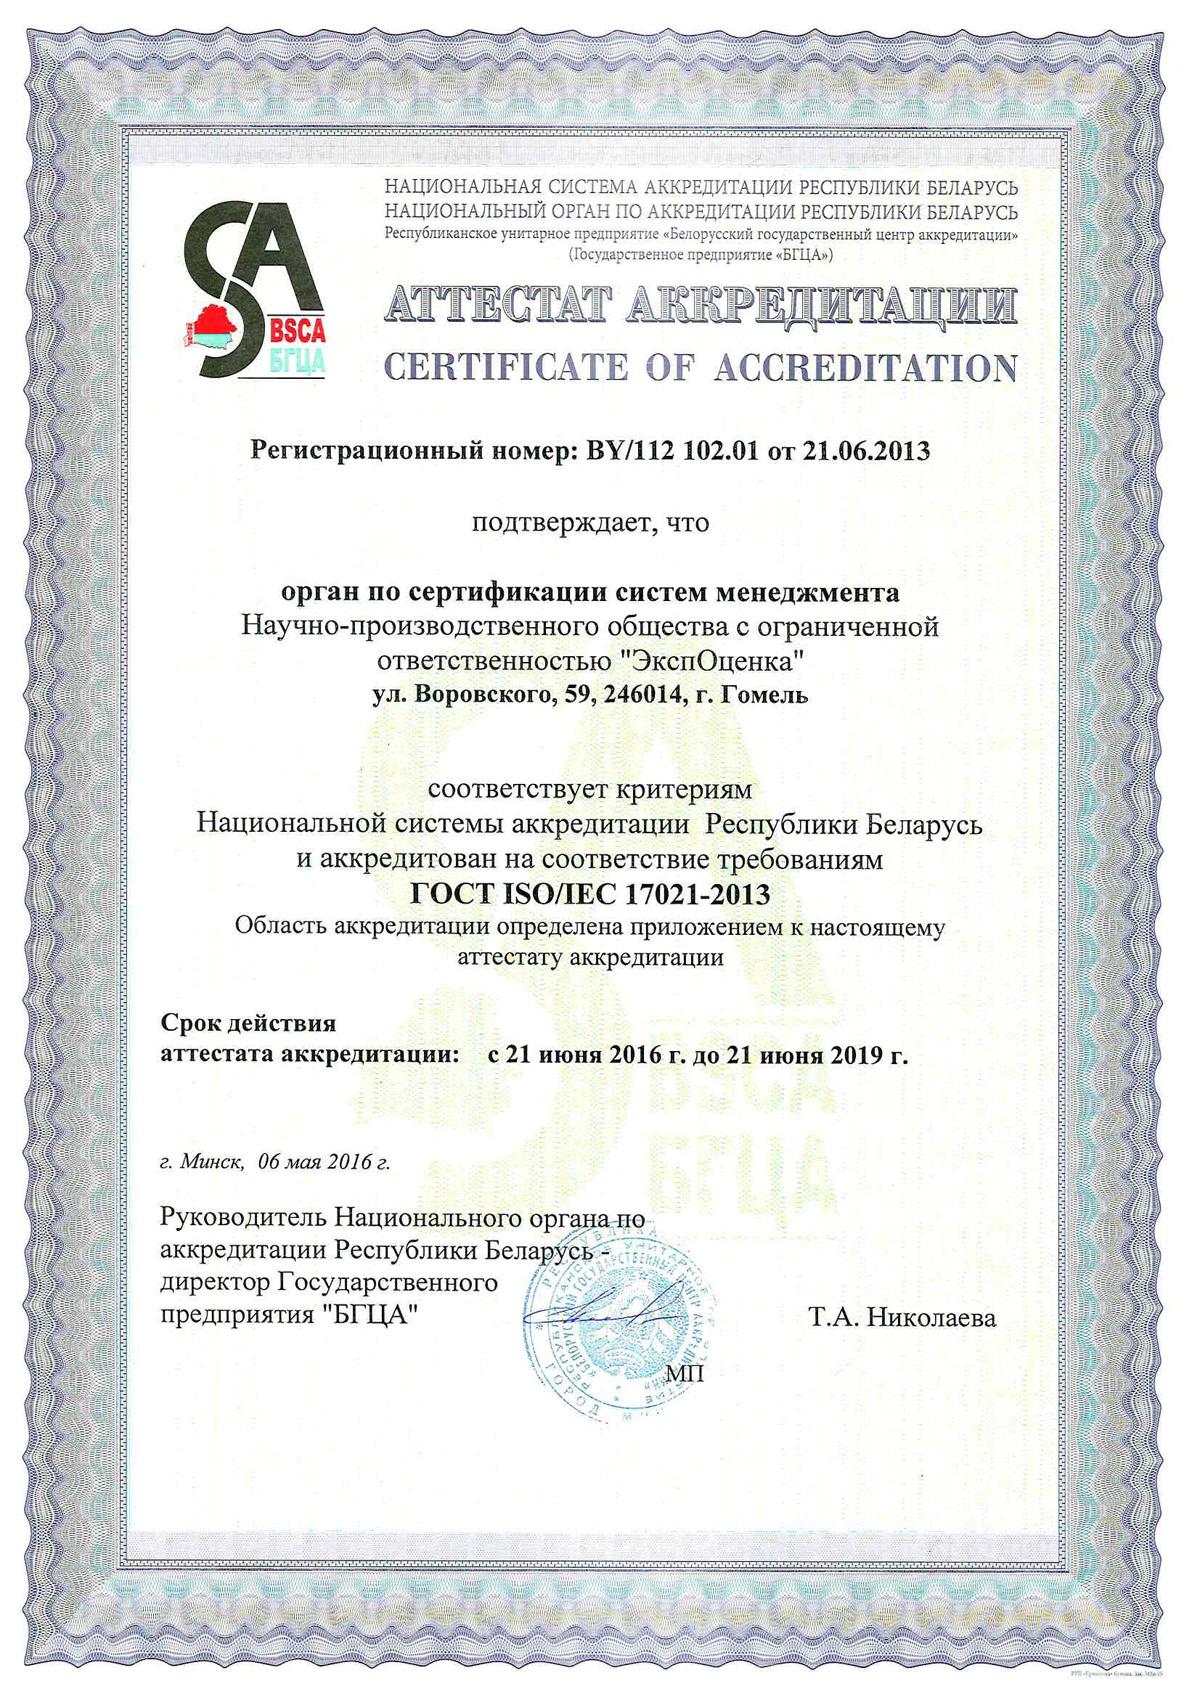 attestat_akreditacii